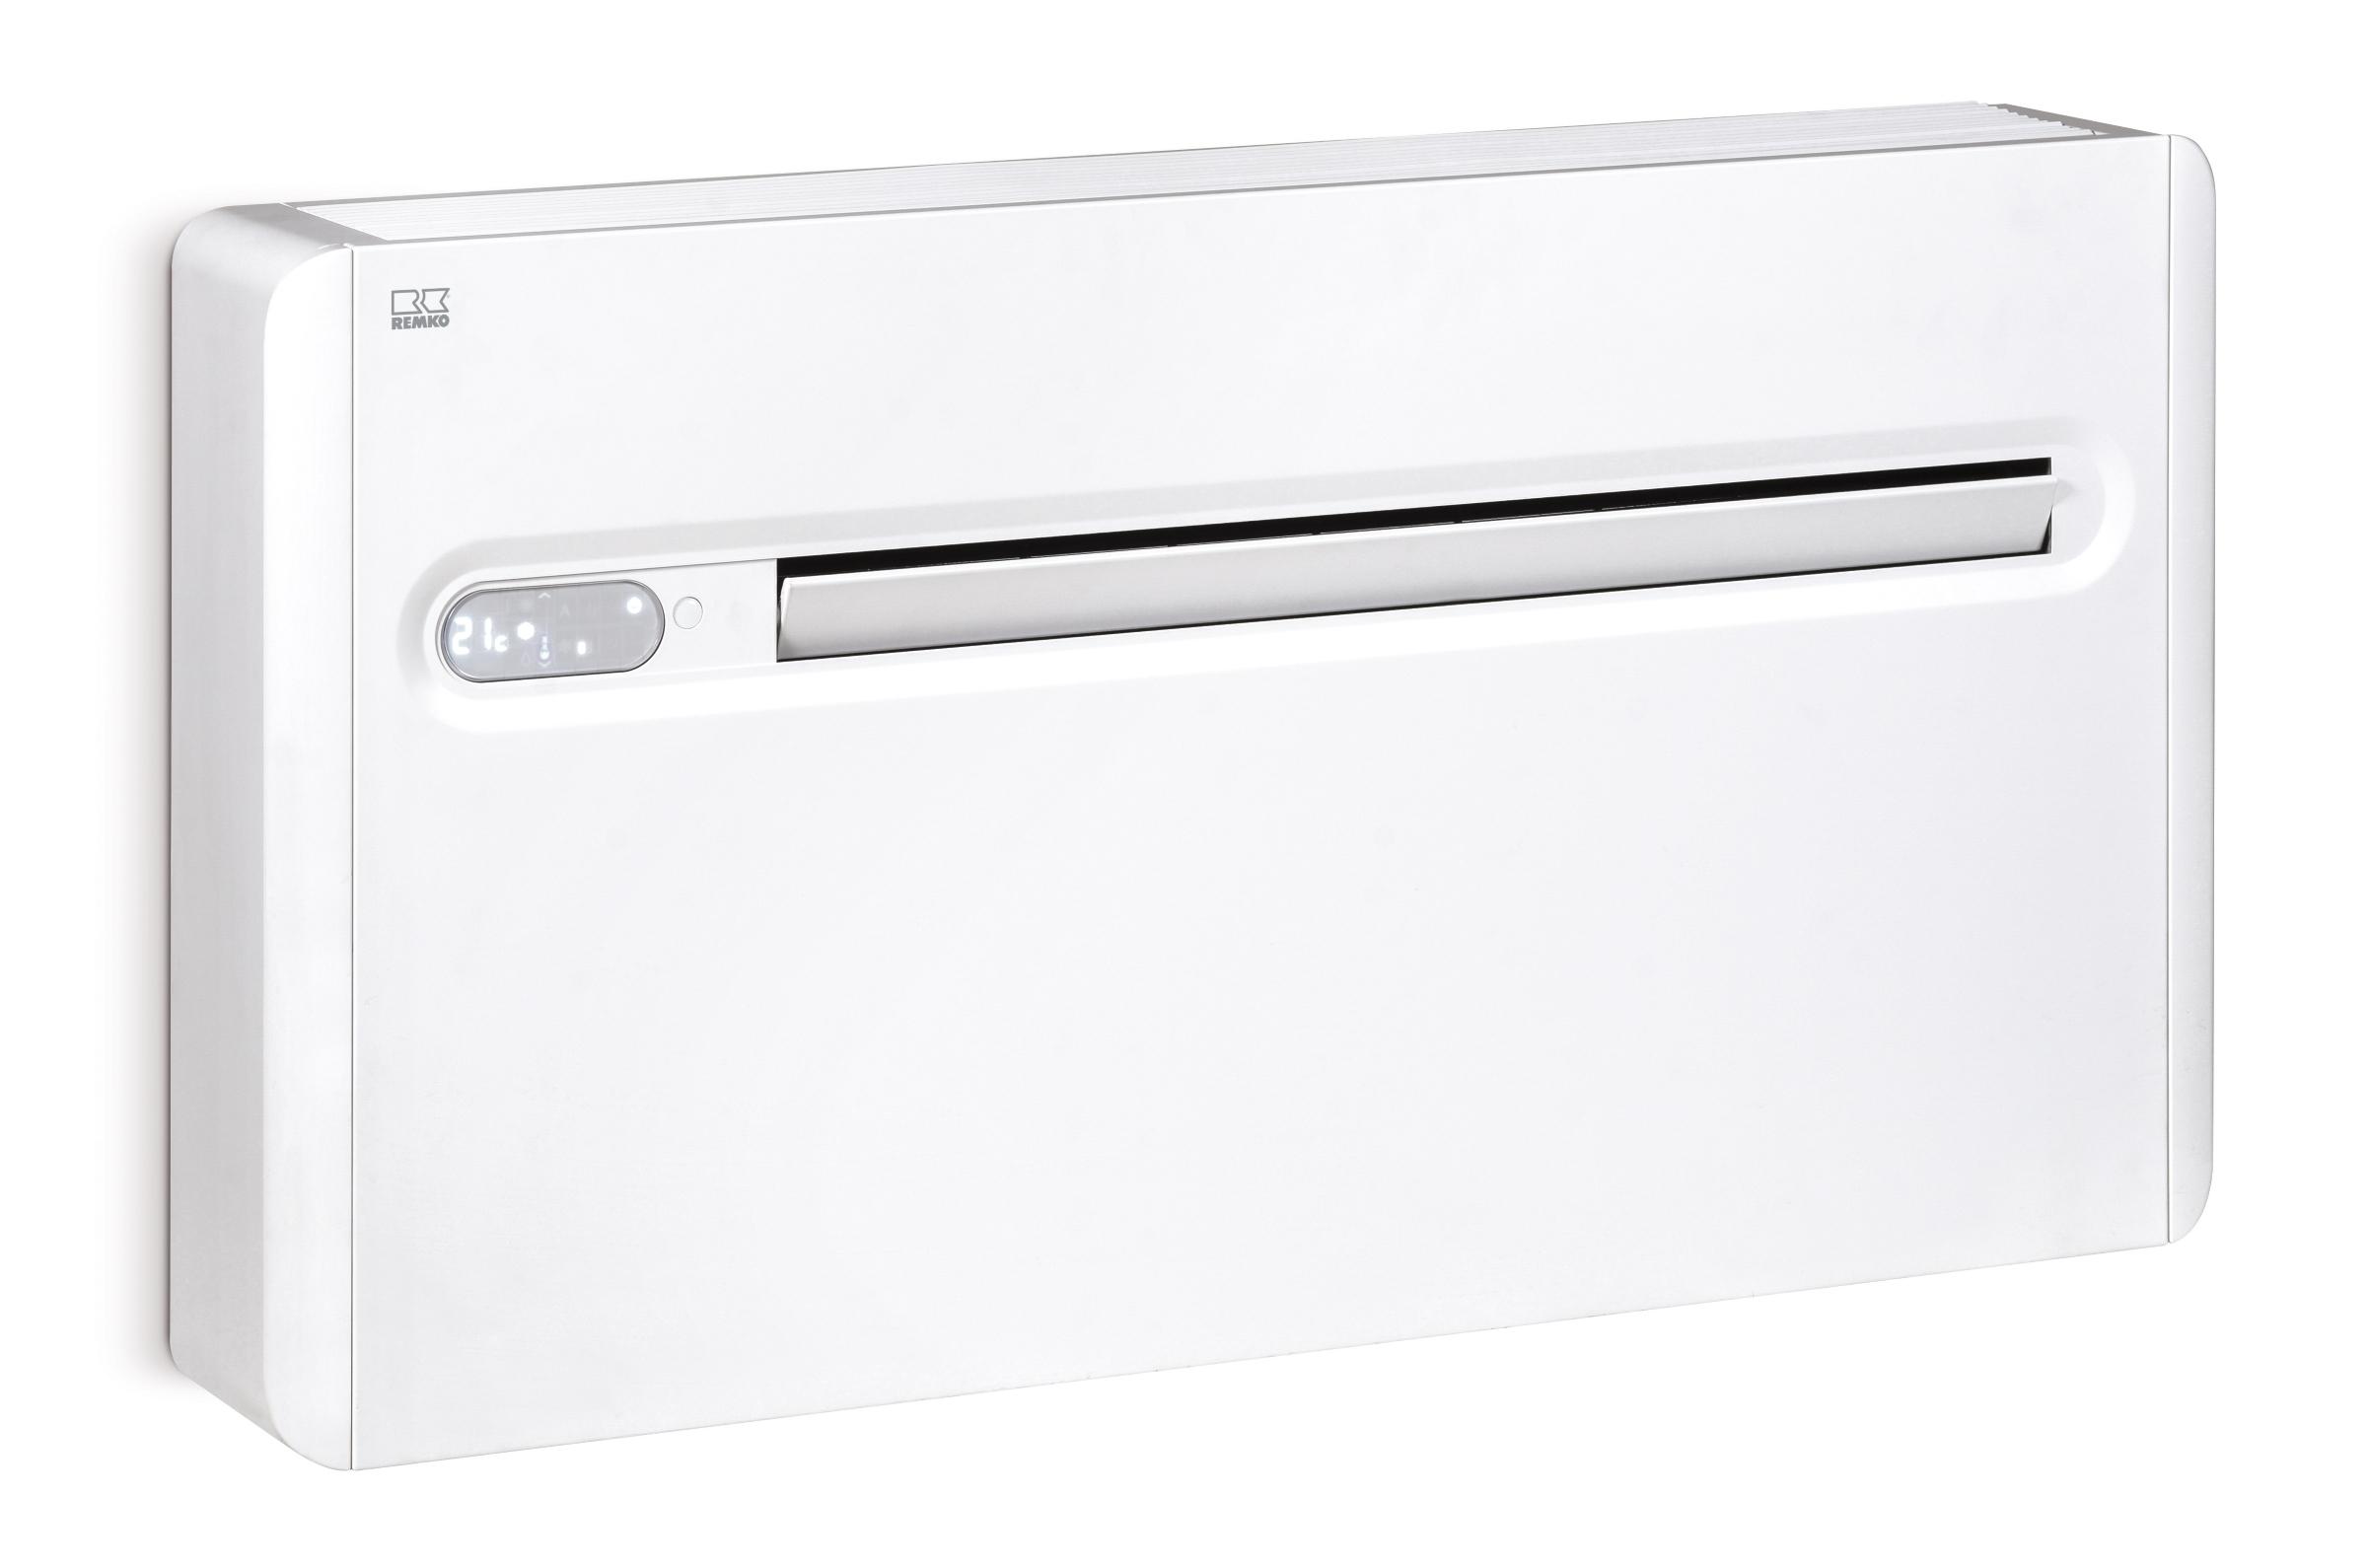 REMKO KWT 240 DC - Monobloc-Klimagerät ohne Außenteil zum Kühlen und Heizen EEK: A+ / A